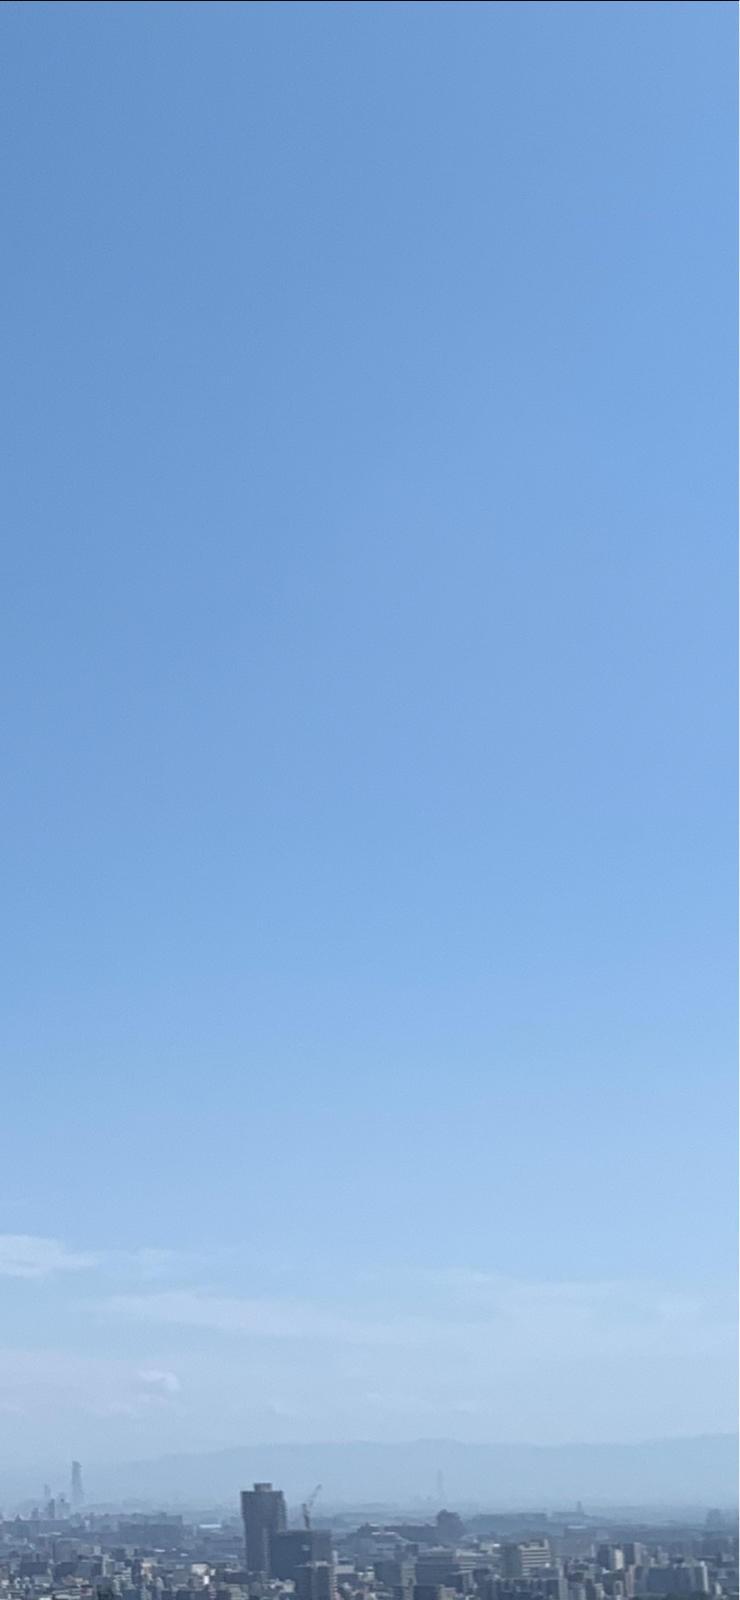 秋の空と雲の流れ_b0408892_12422847.jpg